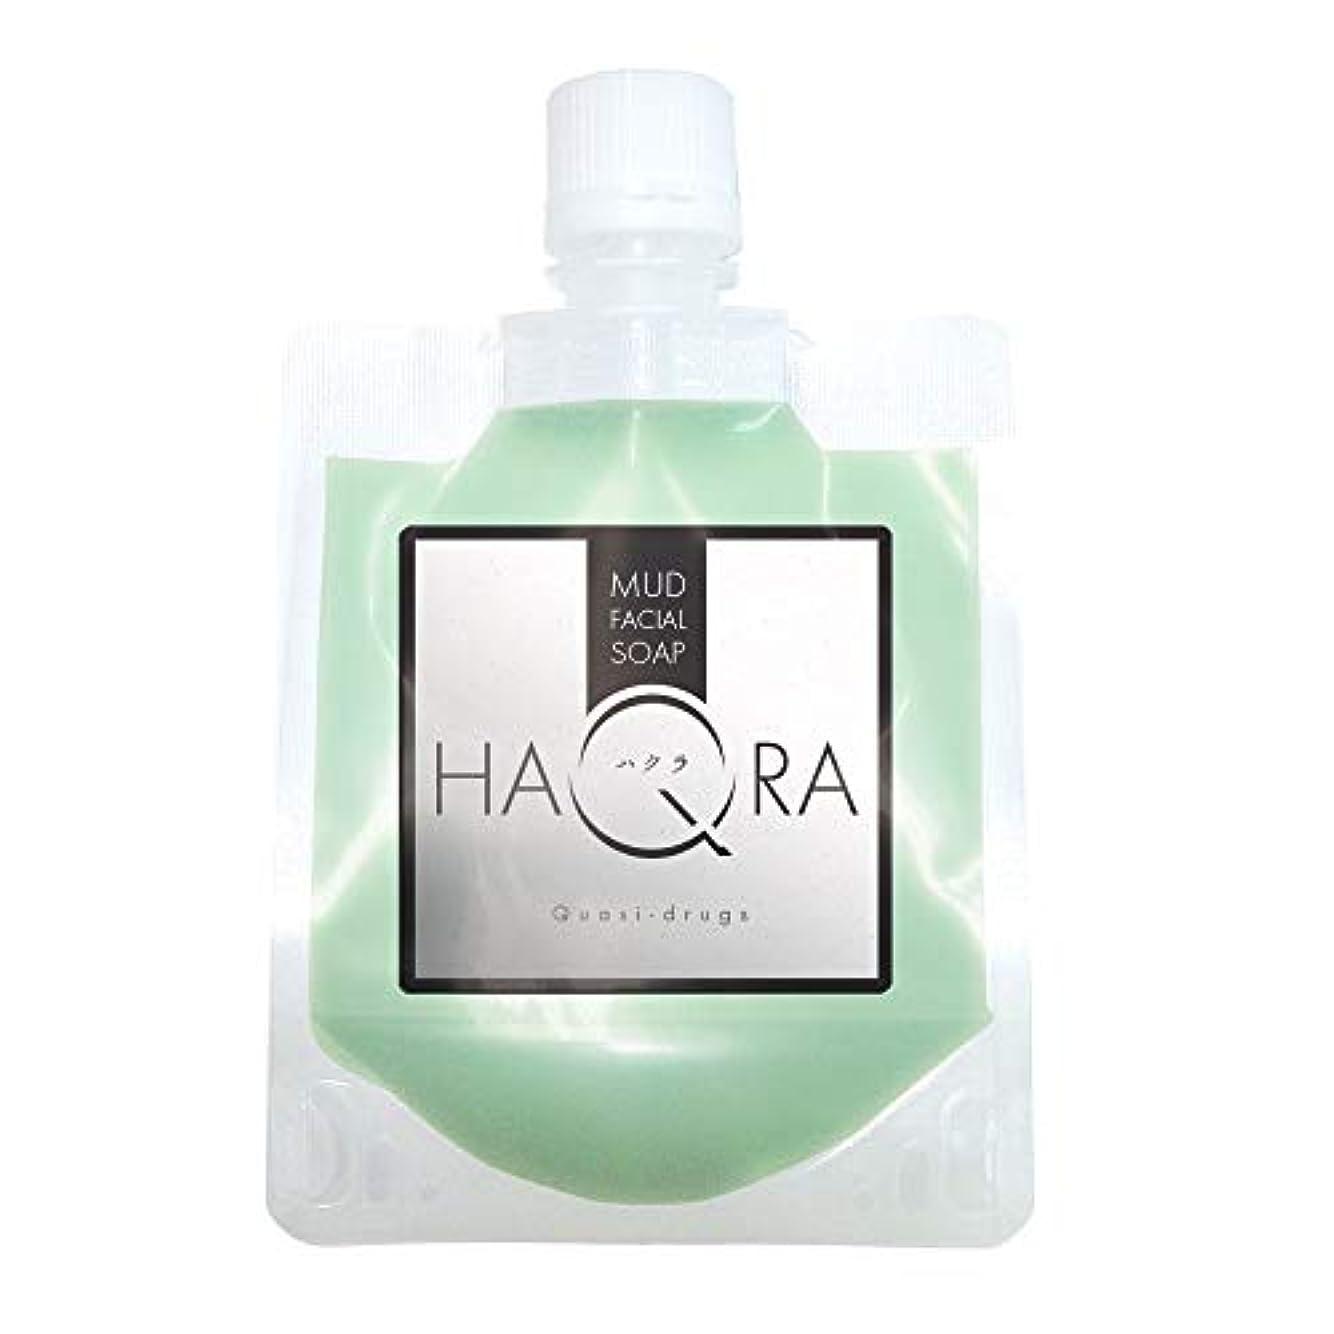 批判やむを得ないラボハクラ HAQRA クレイ洗顔 泥洗顔 石鹸 石けん